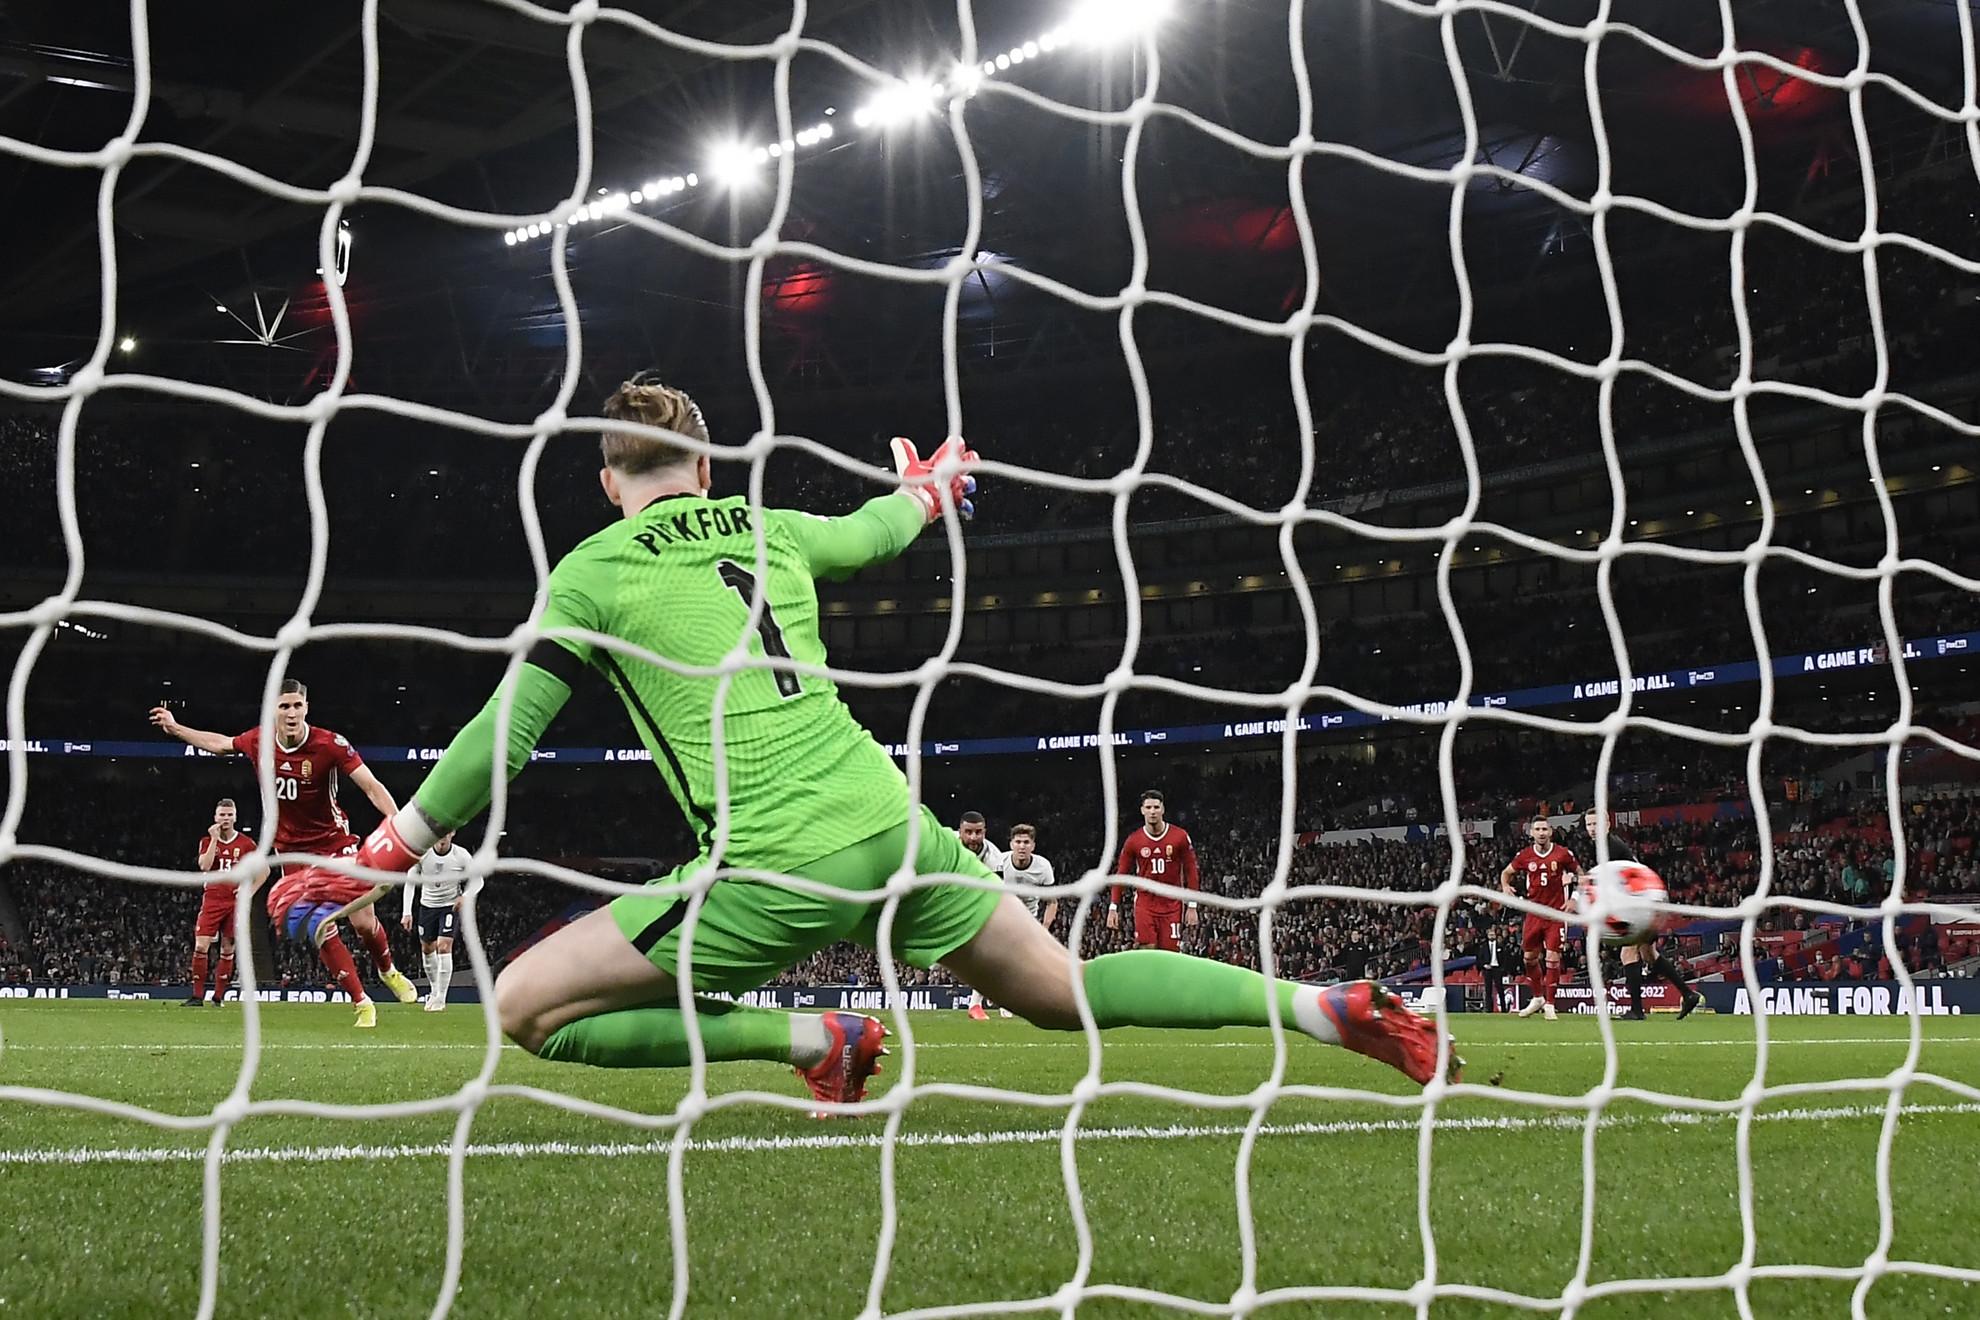 Sallai Roland büntetőből gólt szerez a labdarúgó világbajnoki selejtezők 8. fordulójában játszott Anglia - Magyarország mérkőzésen a londoni Wembley Stadionban 2021. október 12-én